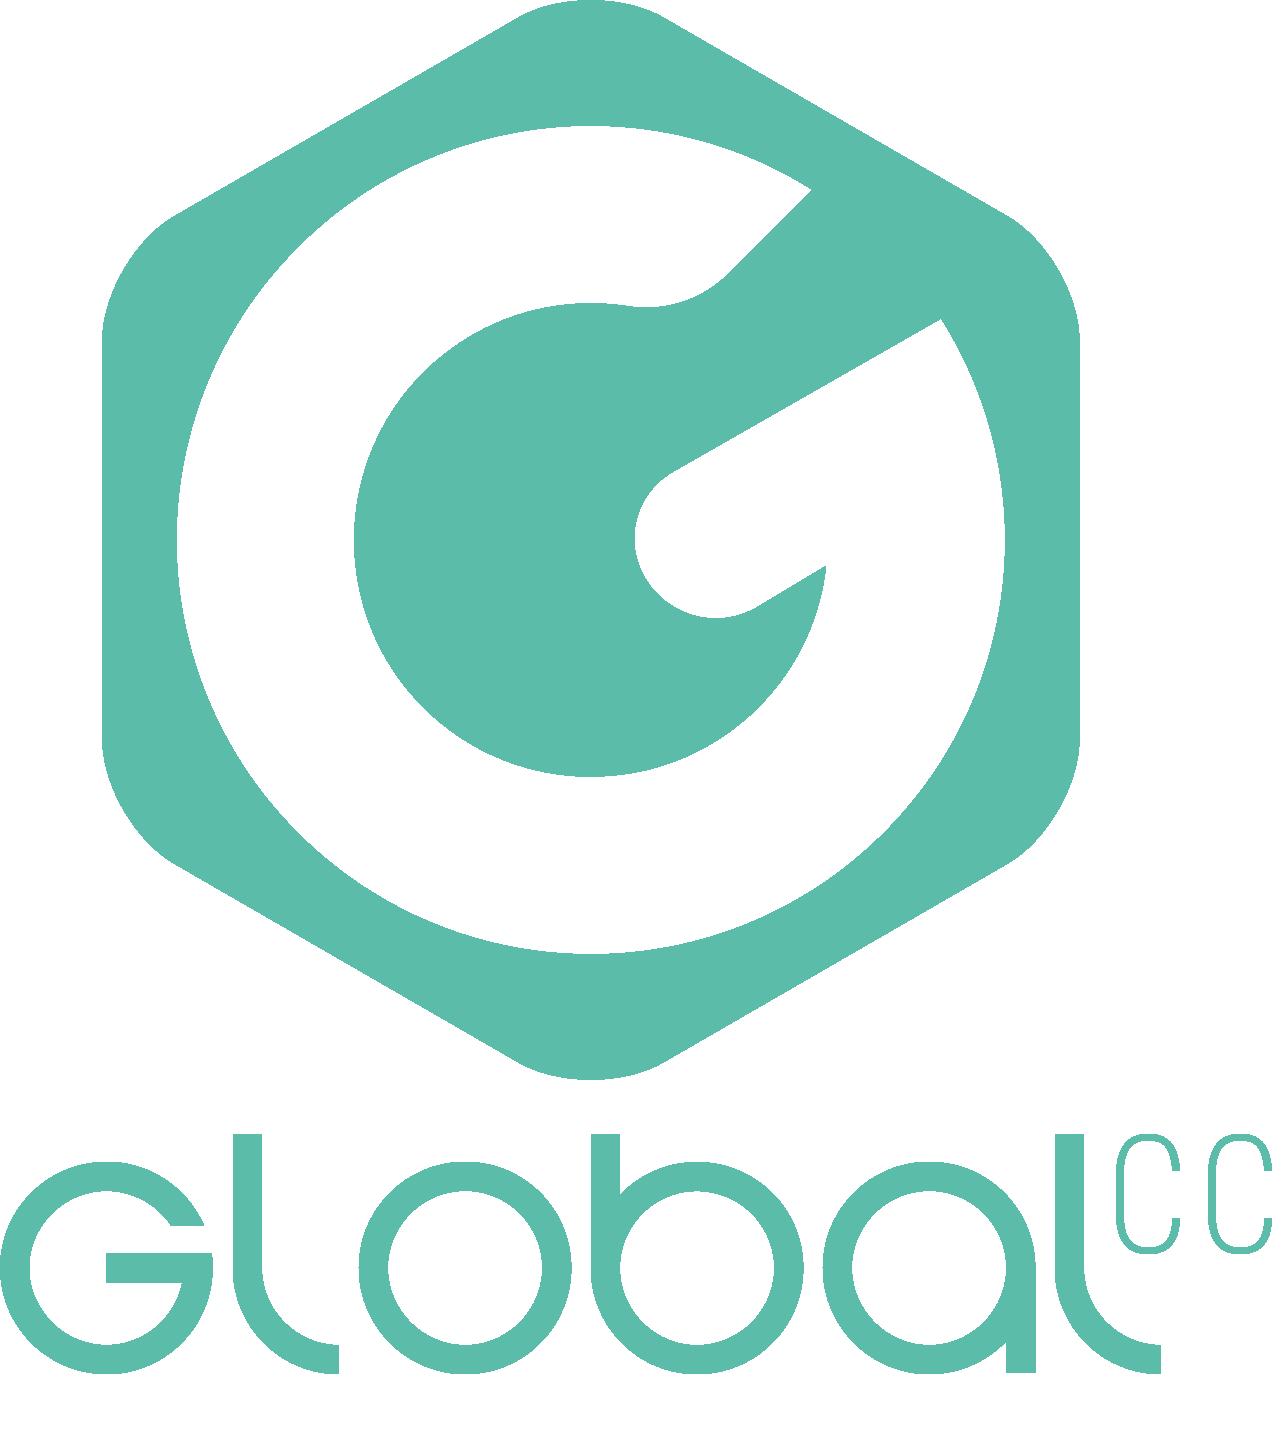 Global CC